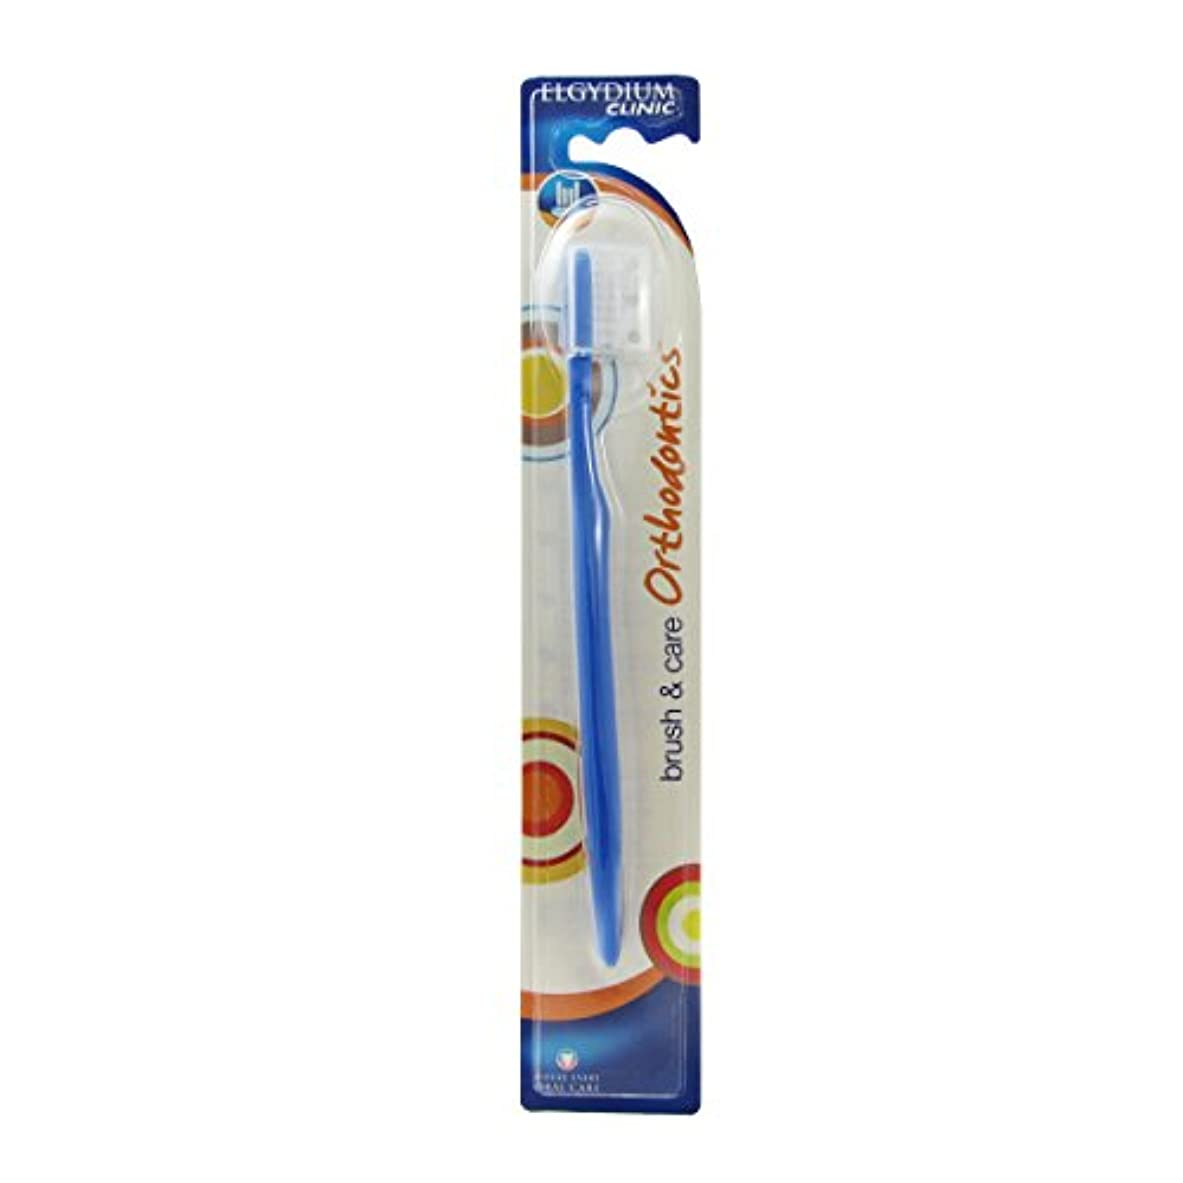 アッパーマルクス主義者社会主義Elgydium Clinic Orthodontics Orthodontic Medium Children Toothbrush [並行輸入品]